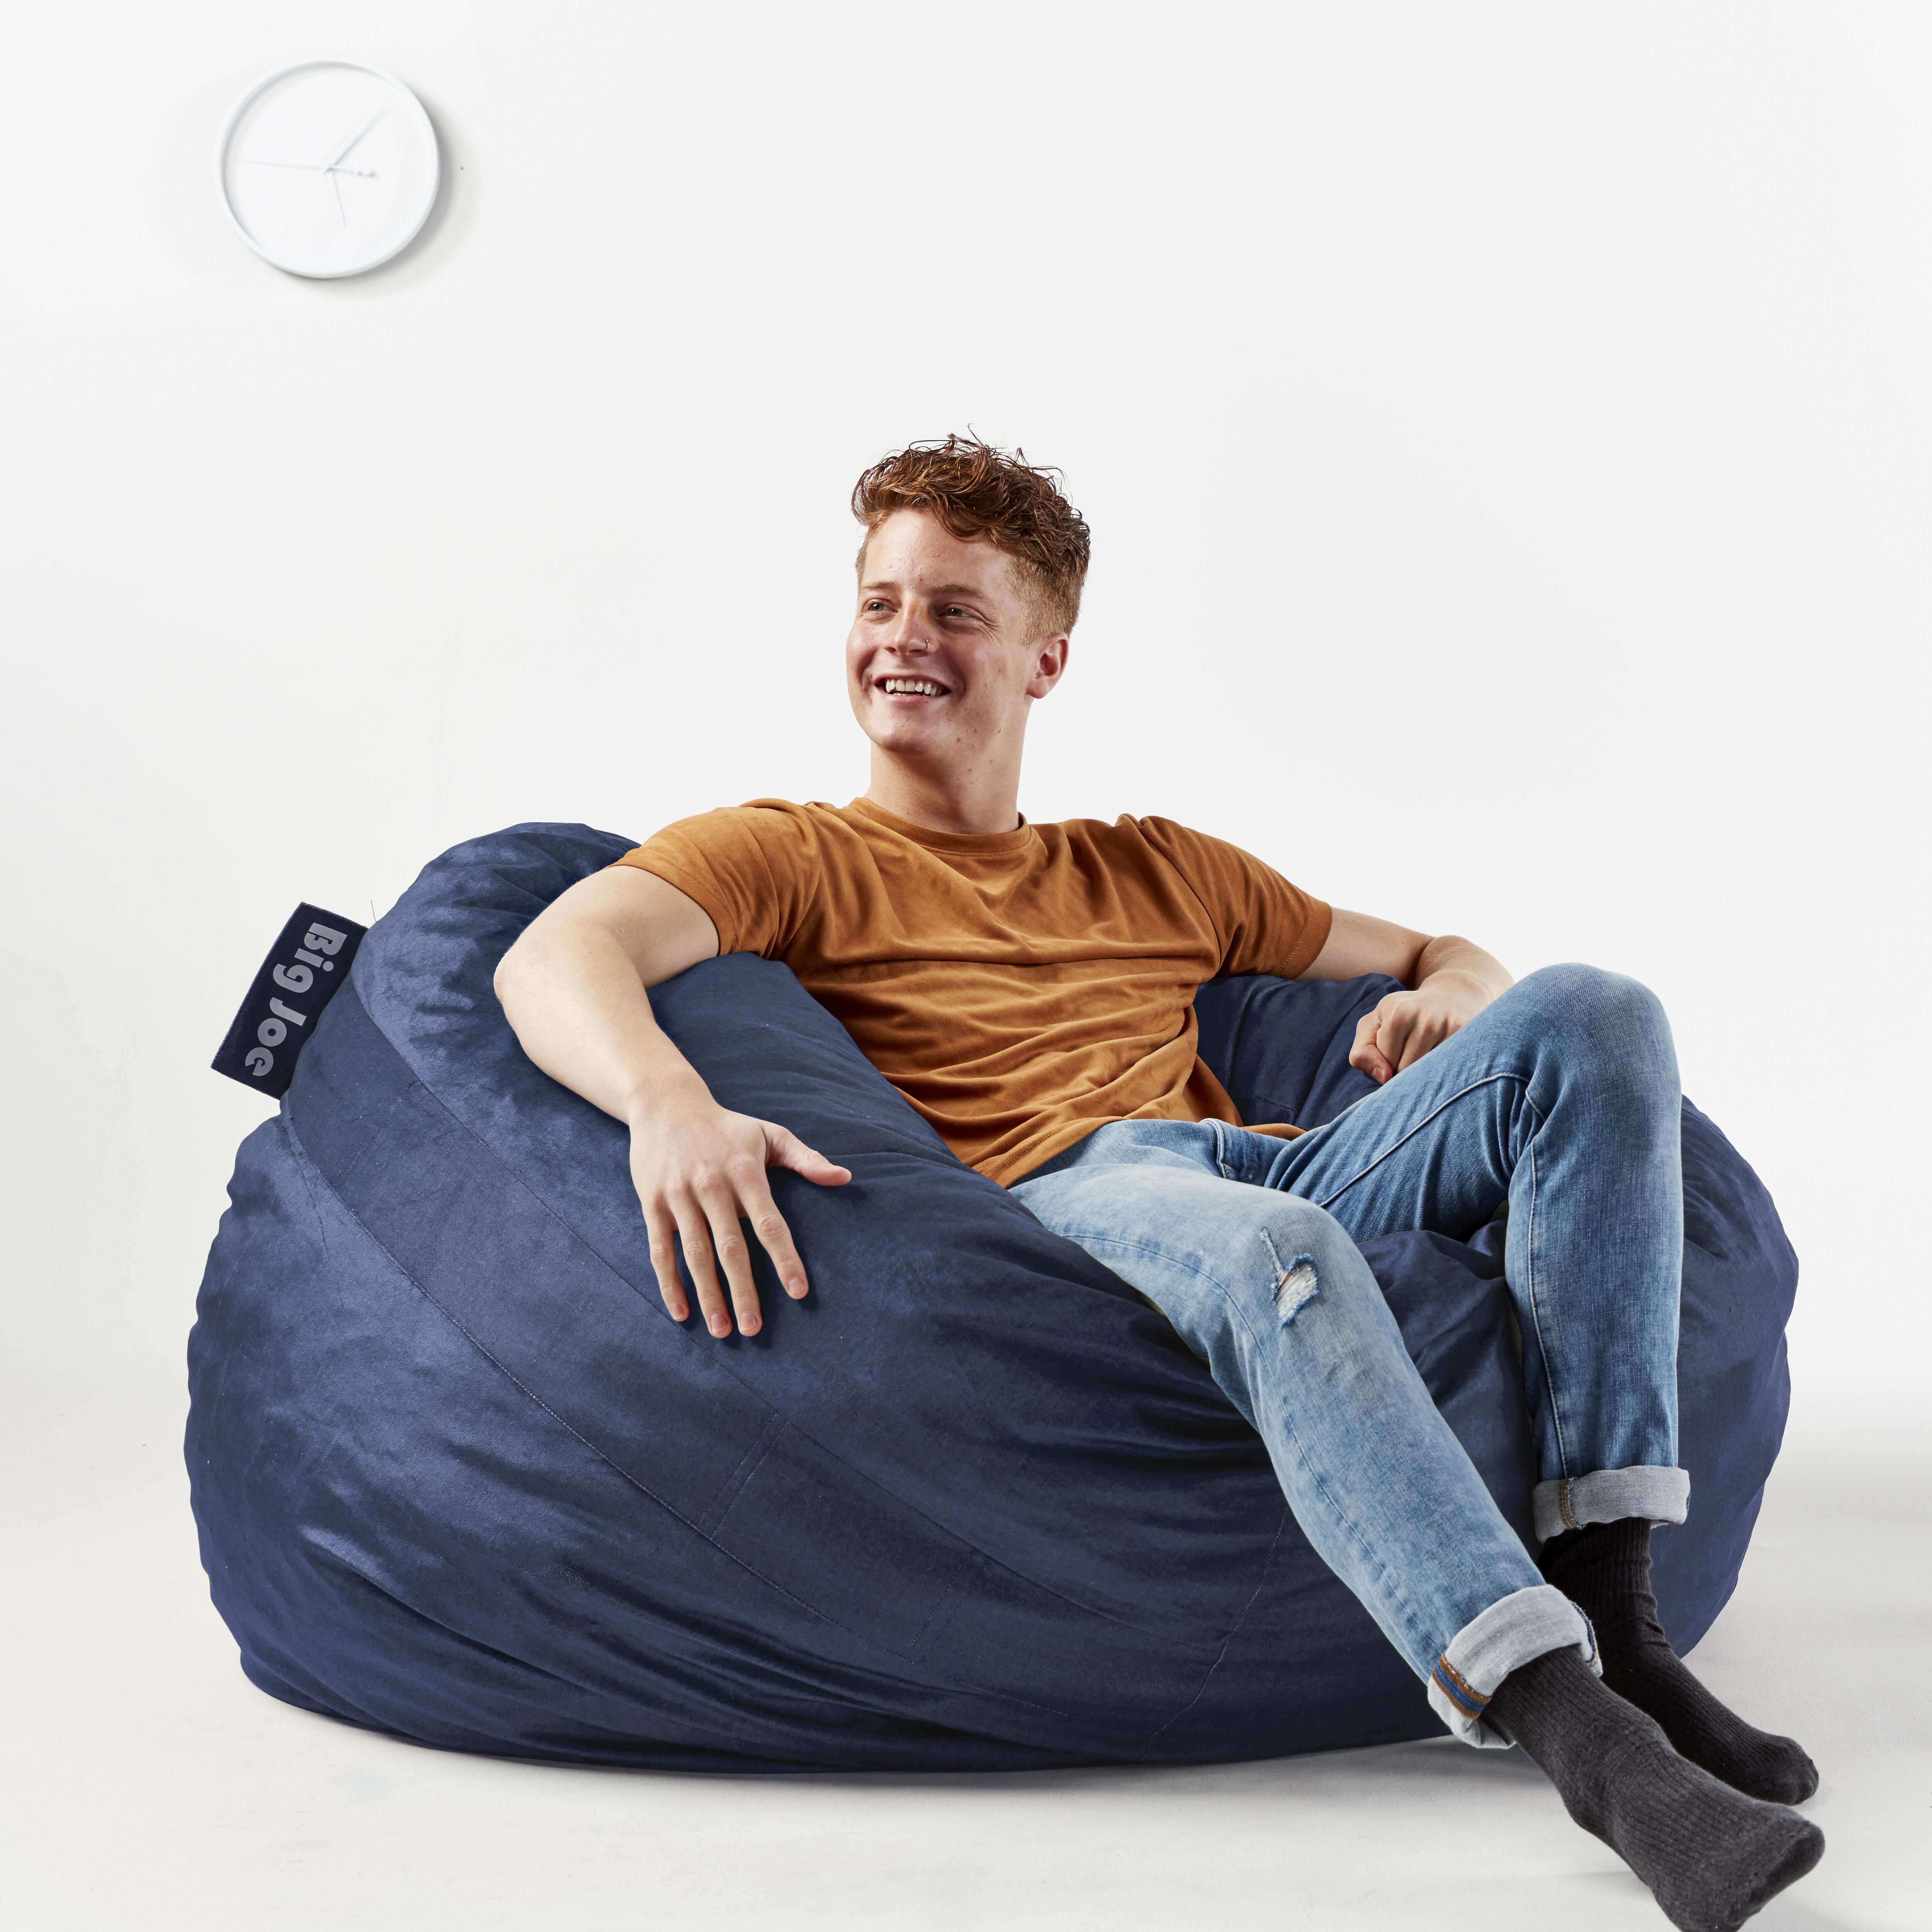 03468a57b7 Comfort Research Fuf Bean Bag Chair   Reviews